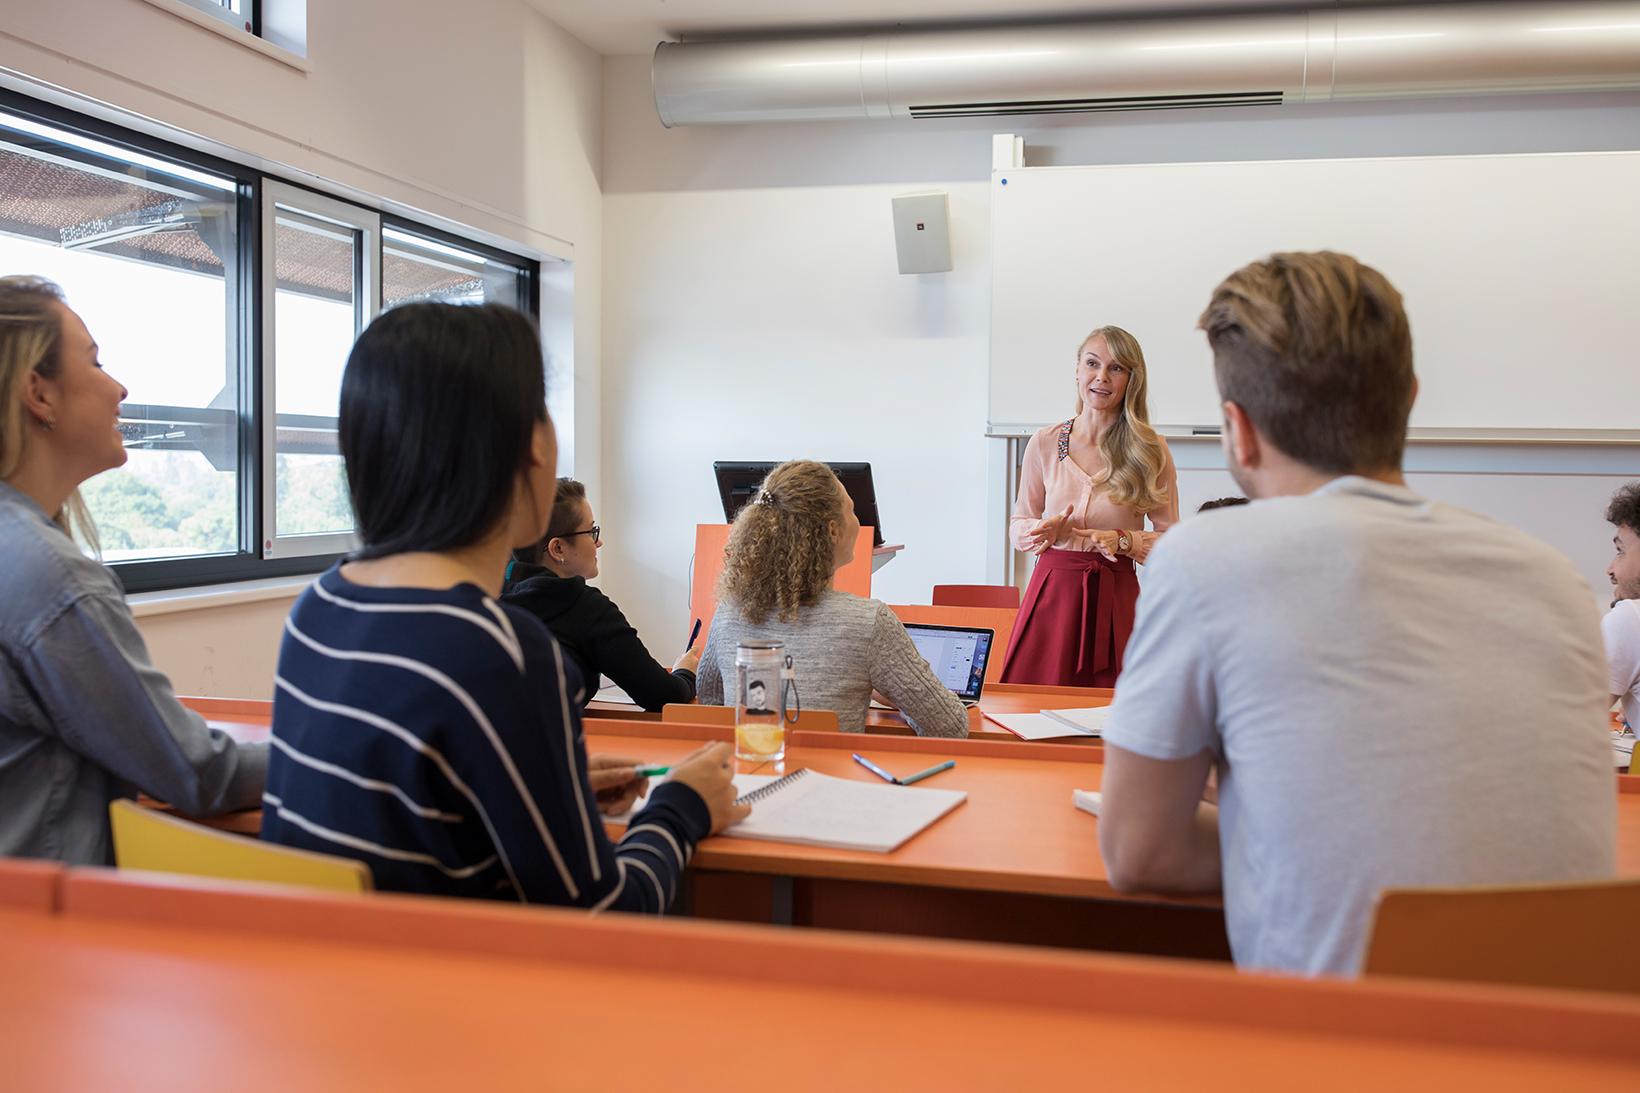 Unterricht im Hörsaal: eine Vortragende spricht vor Studierenden